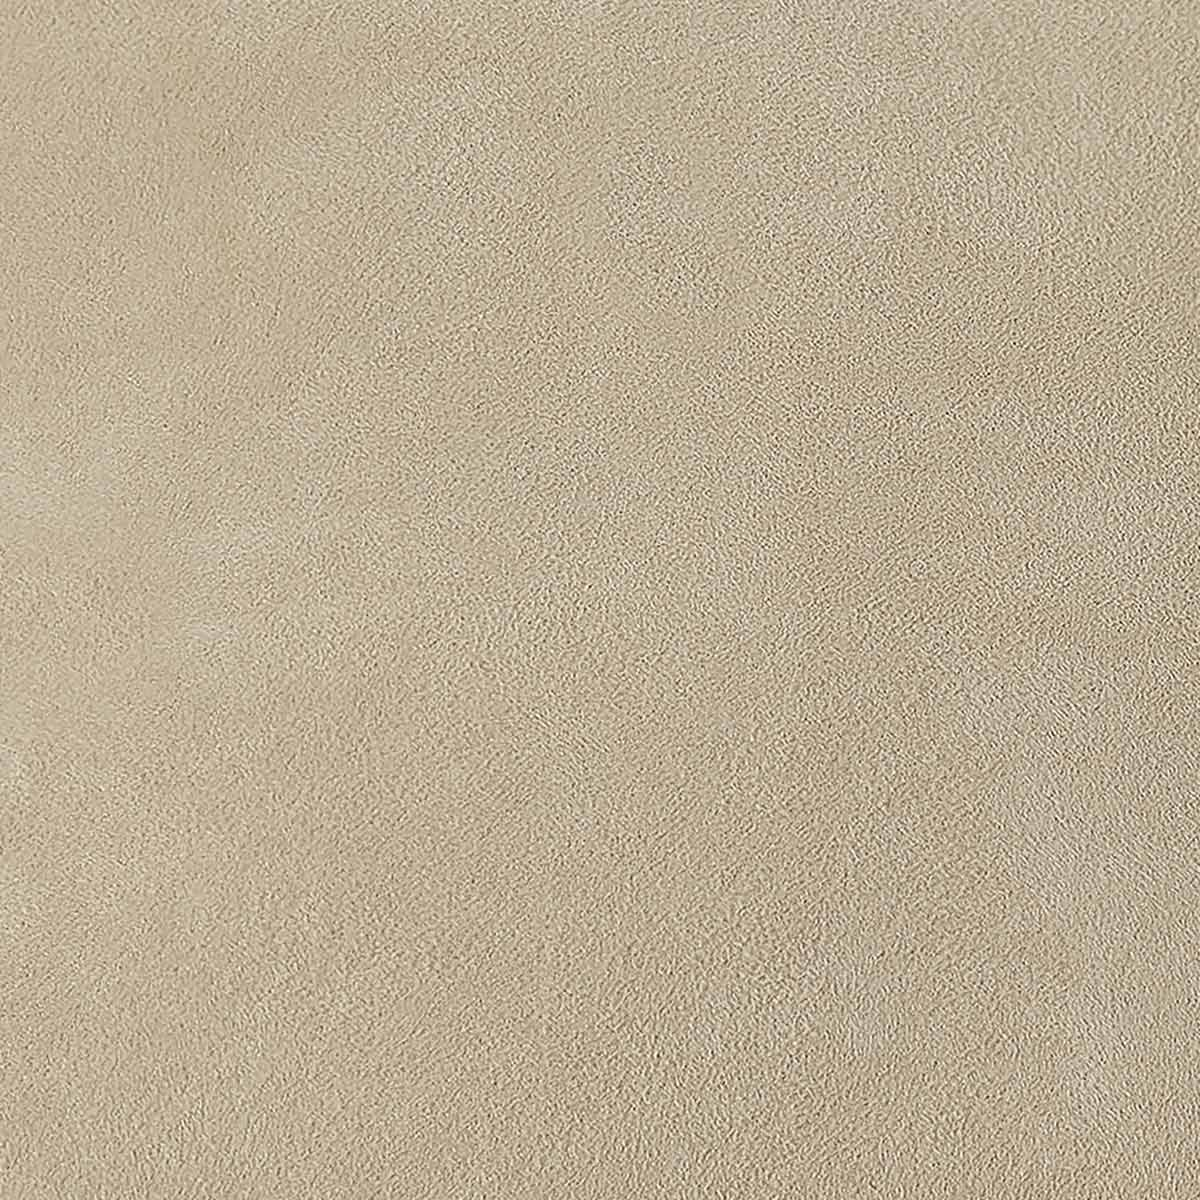 Almofadas Avulsa 40cm x 40cm  Suede Esmeralda Lisa com 1 peças